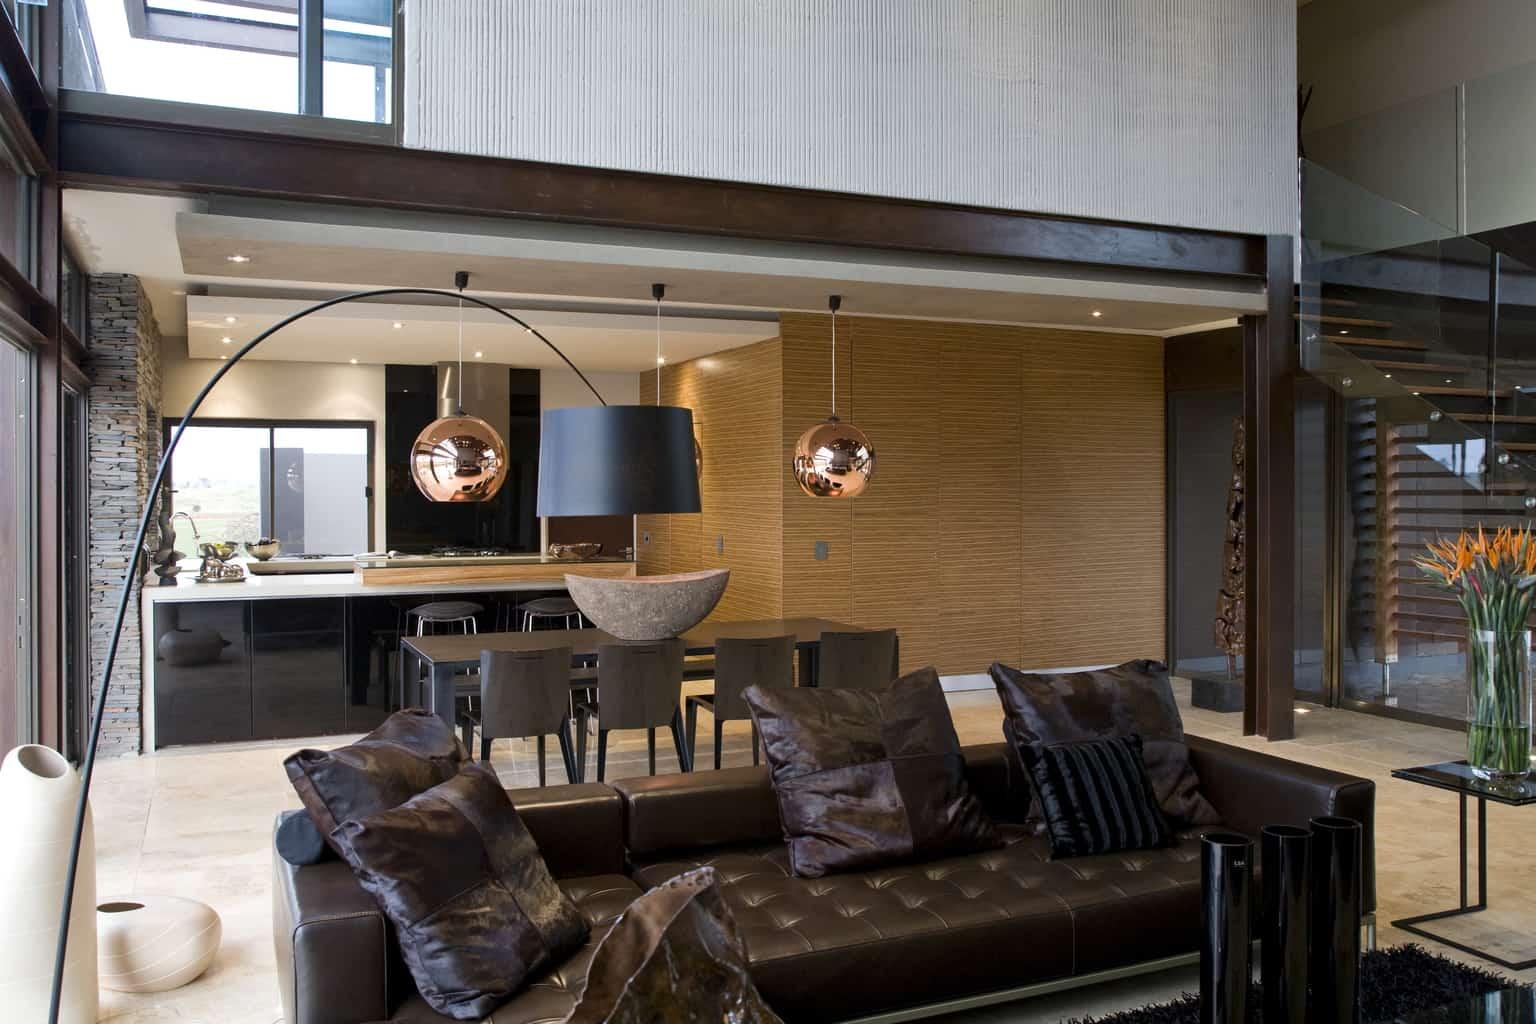 serengeti designed by rudolph van der meulen 140